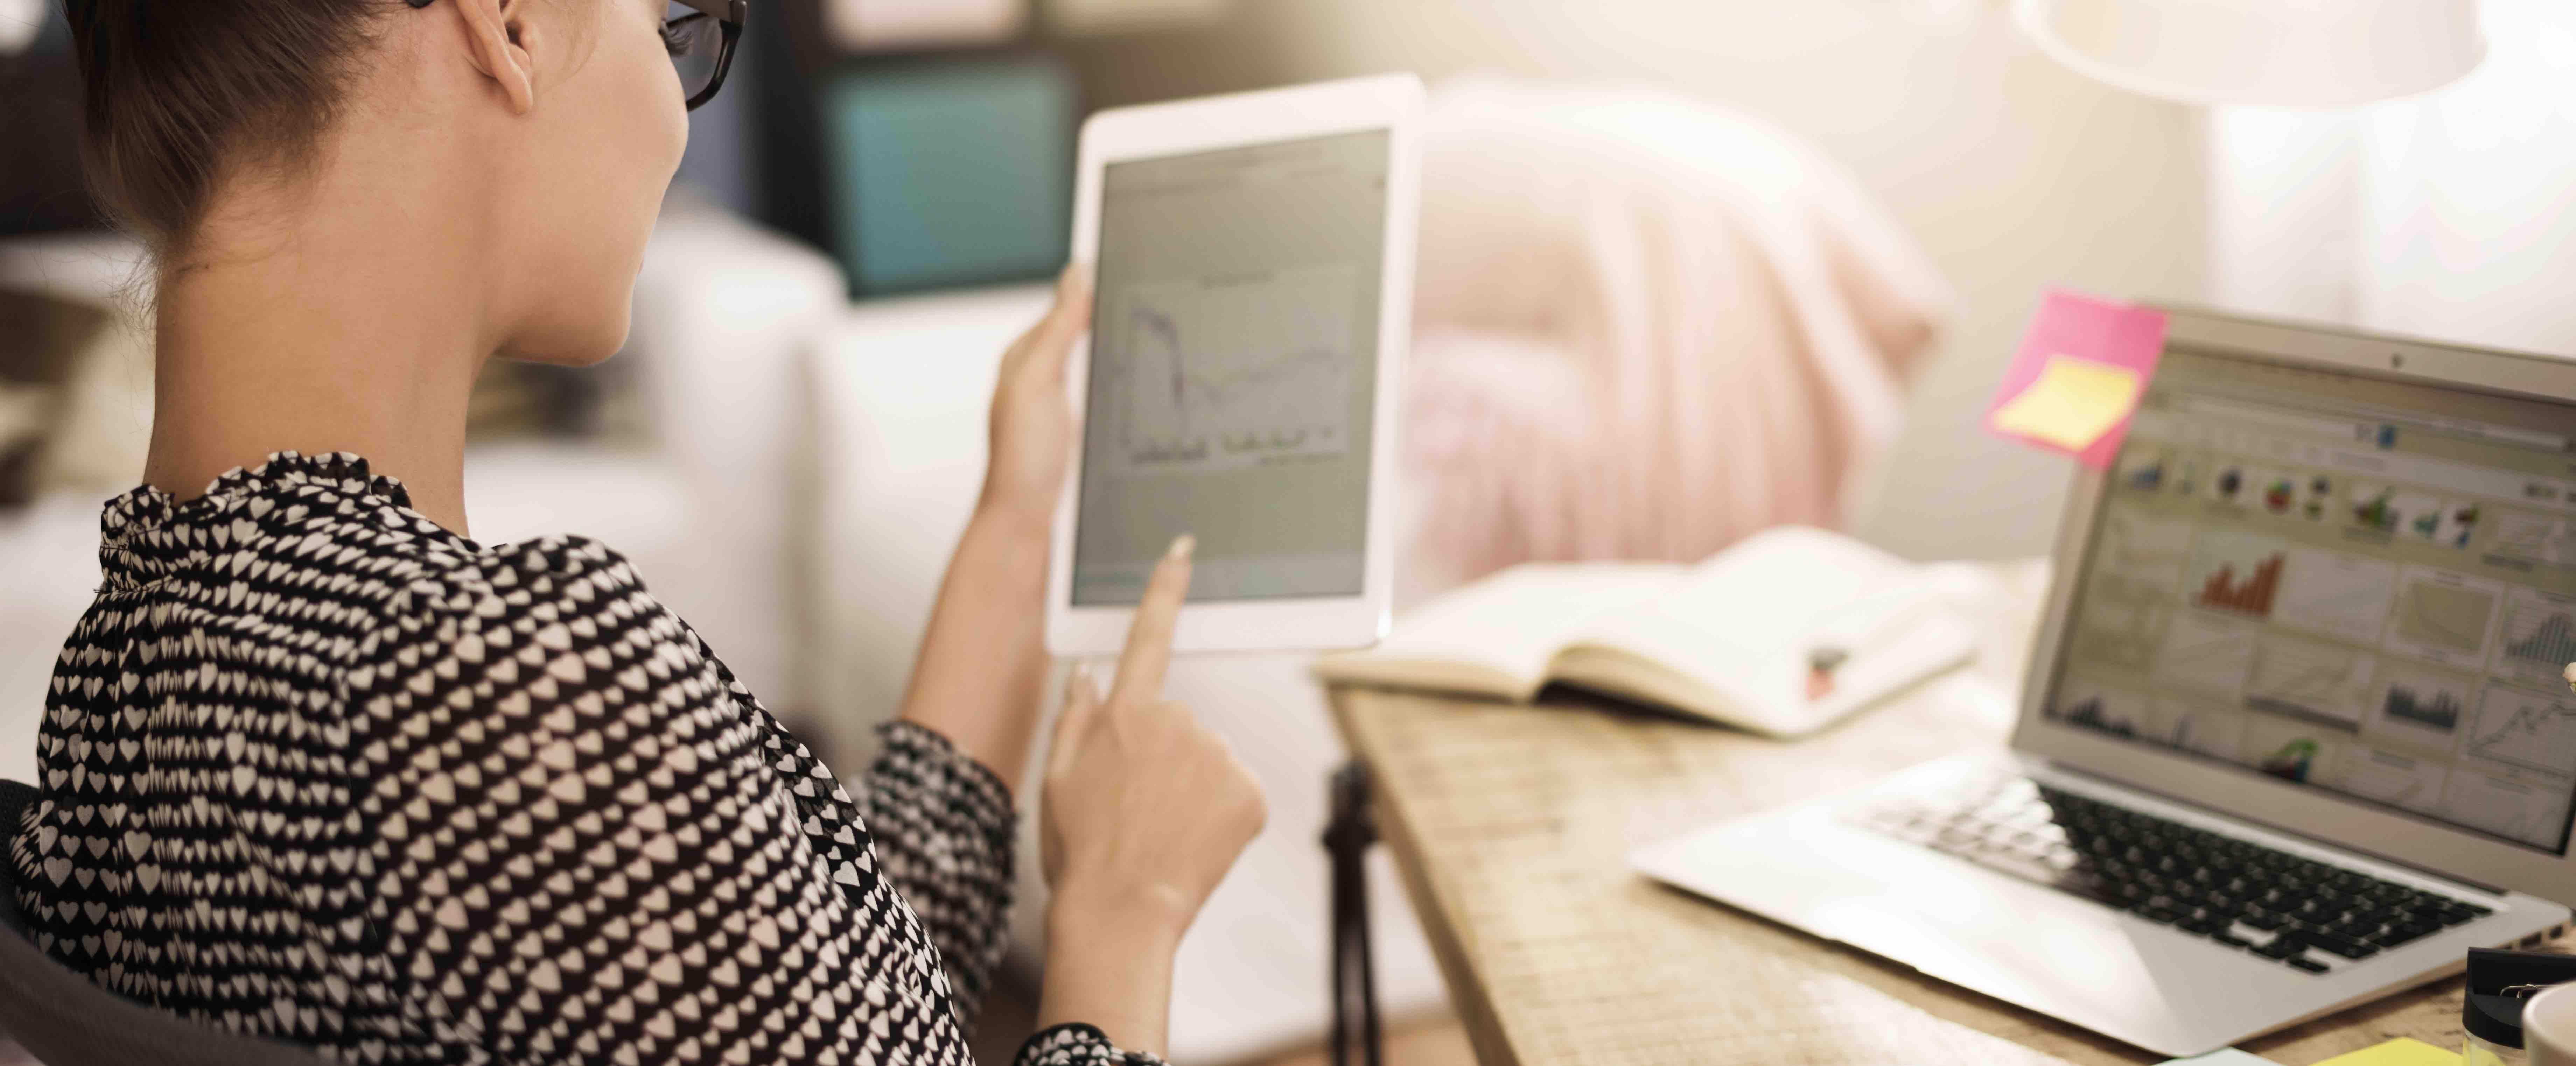 5 Tipps wie Sie Ihr Home-Office effektiver gestalten